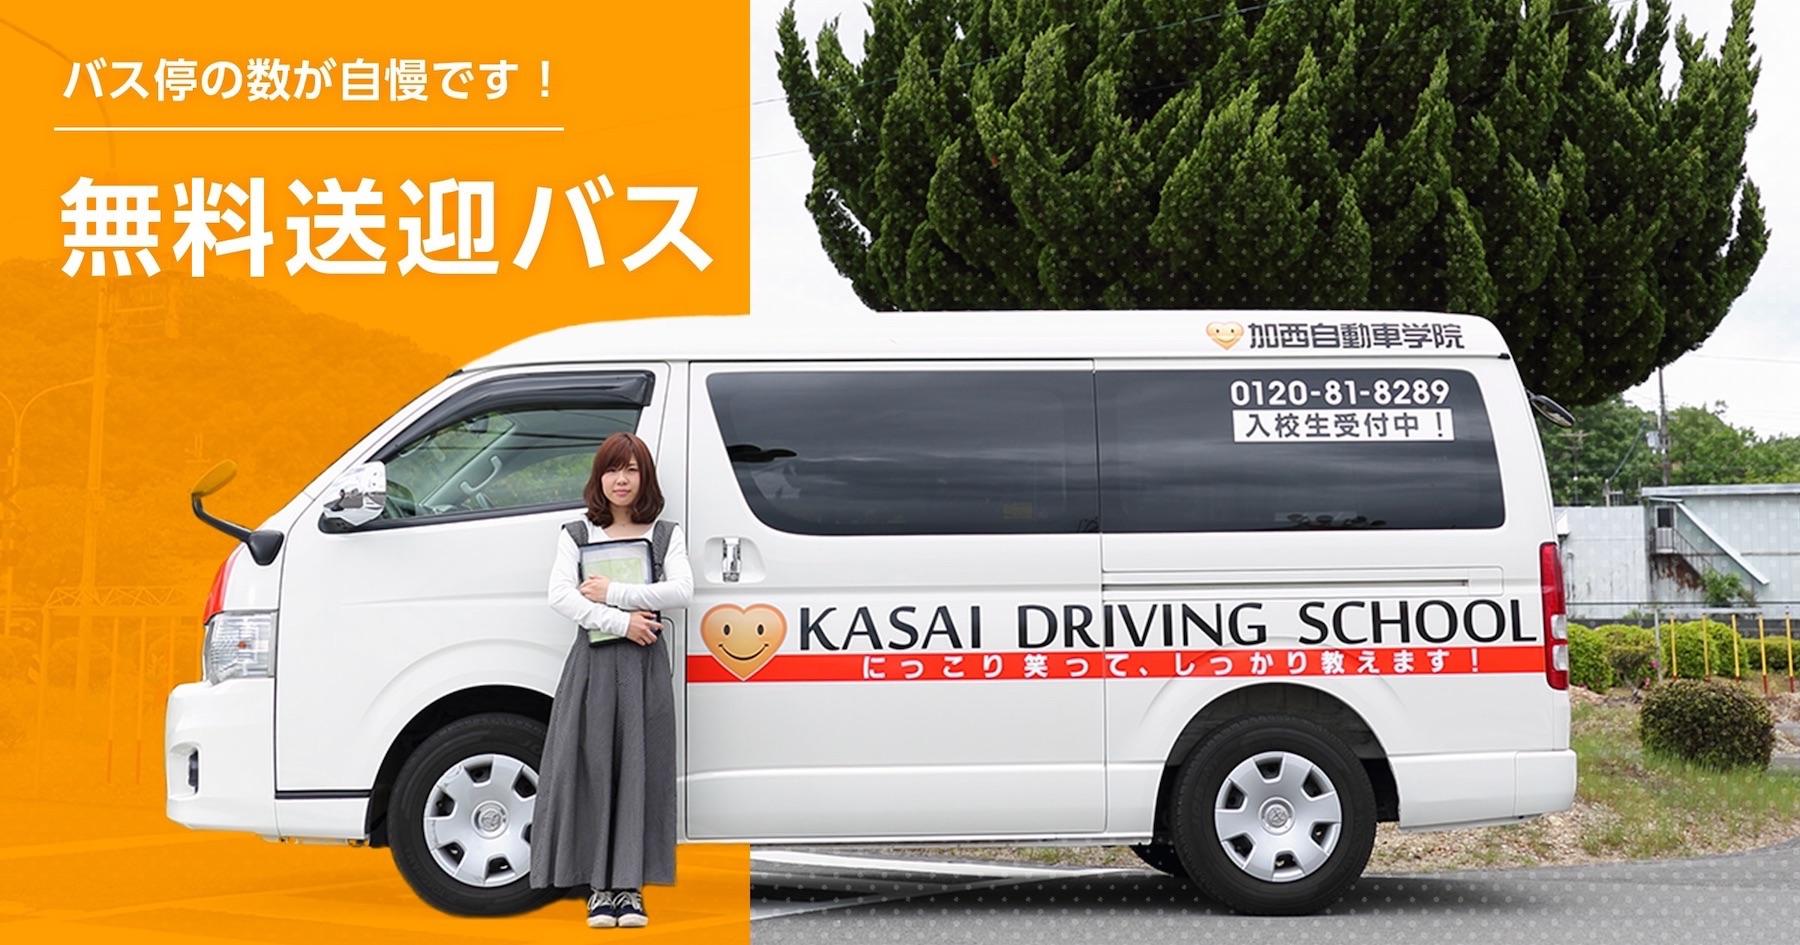 自宅やバイト先近くなど選べる!加西自動車学院の無料送迎バス